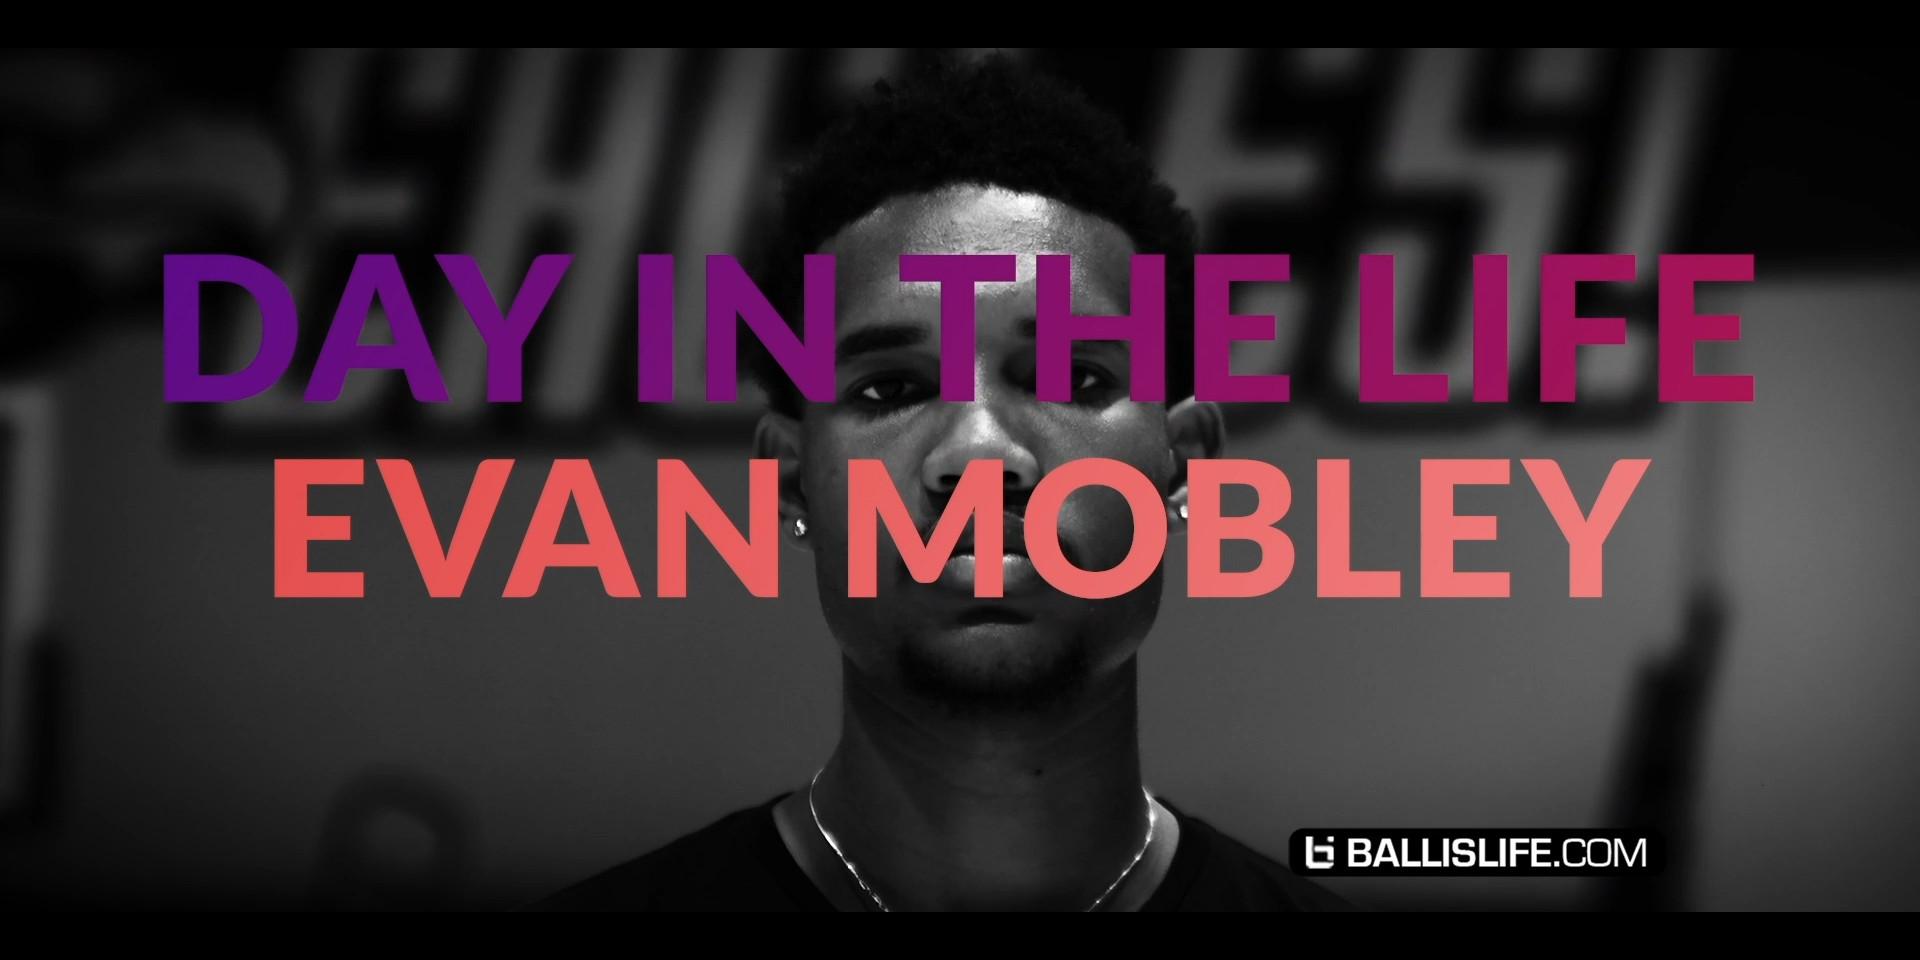 EVAN MOBLEY